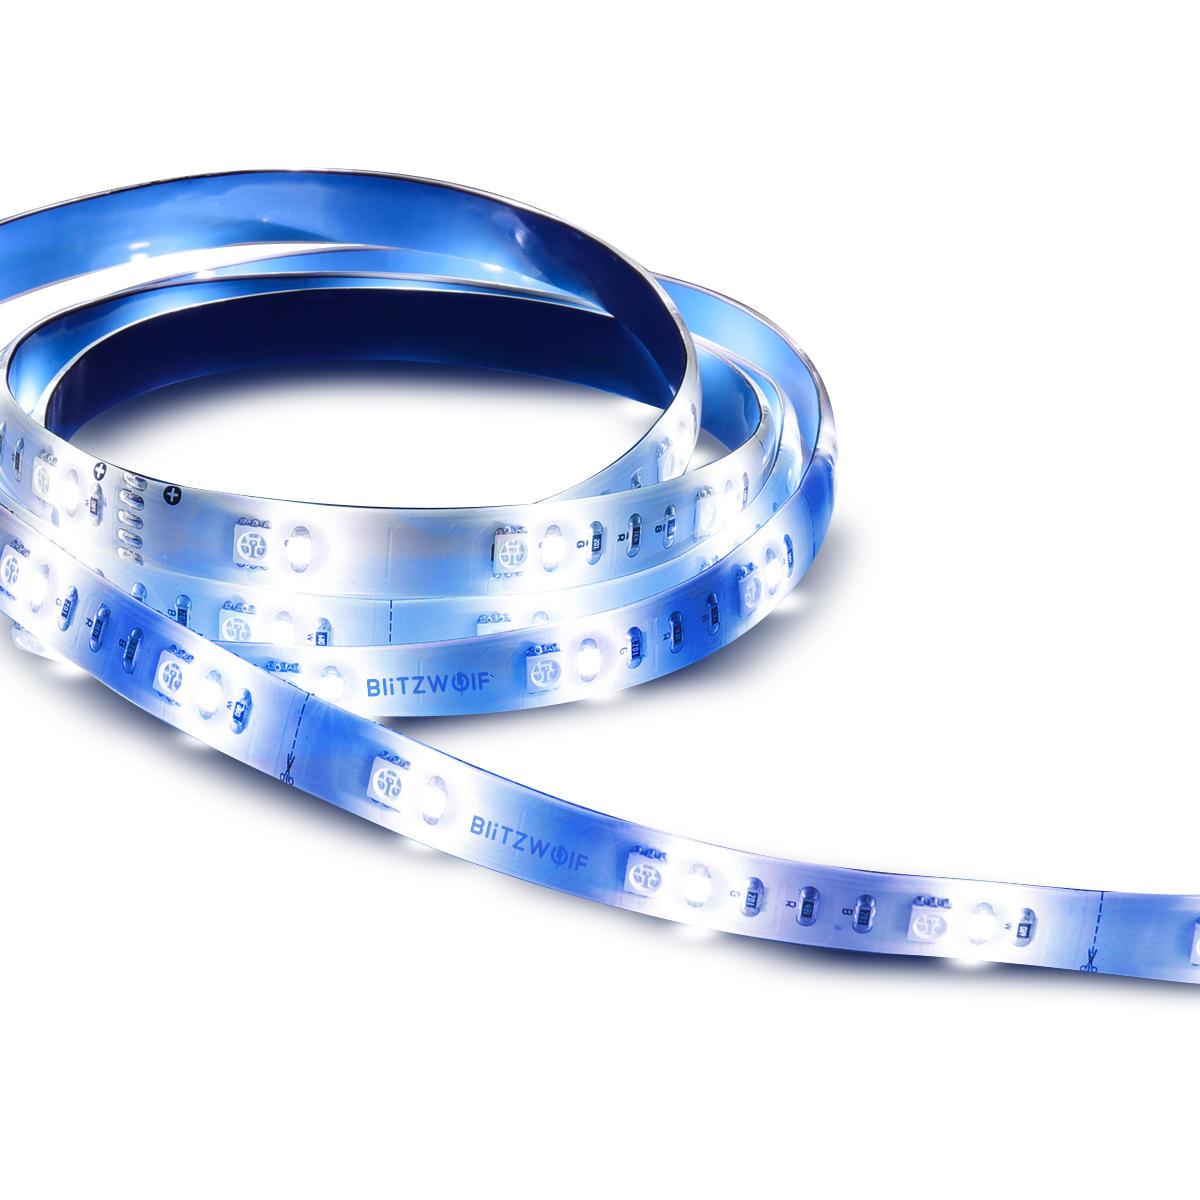 BlitzWolf® 3PCS 1M RGBW LED Strip Light Extension Plus DC12V for BW-LT11 2M EU Plug LED Strip Light Set